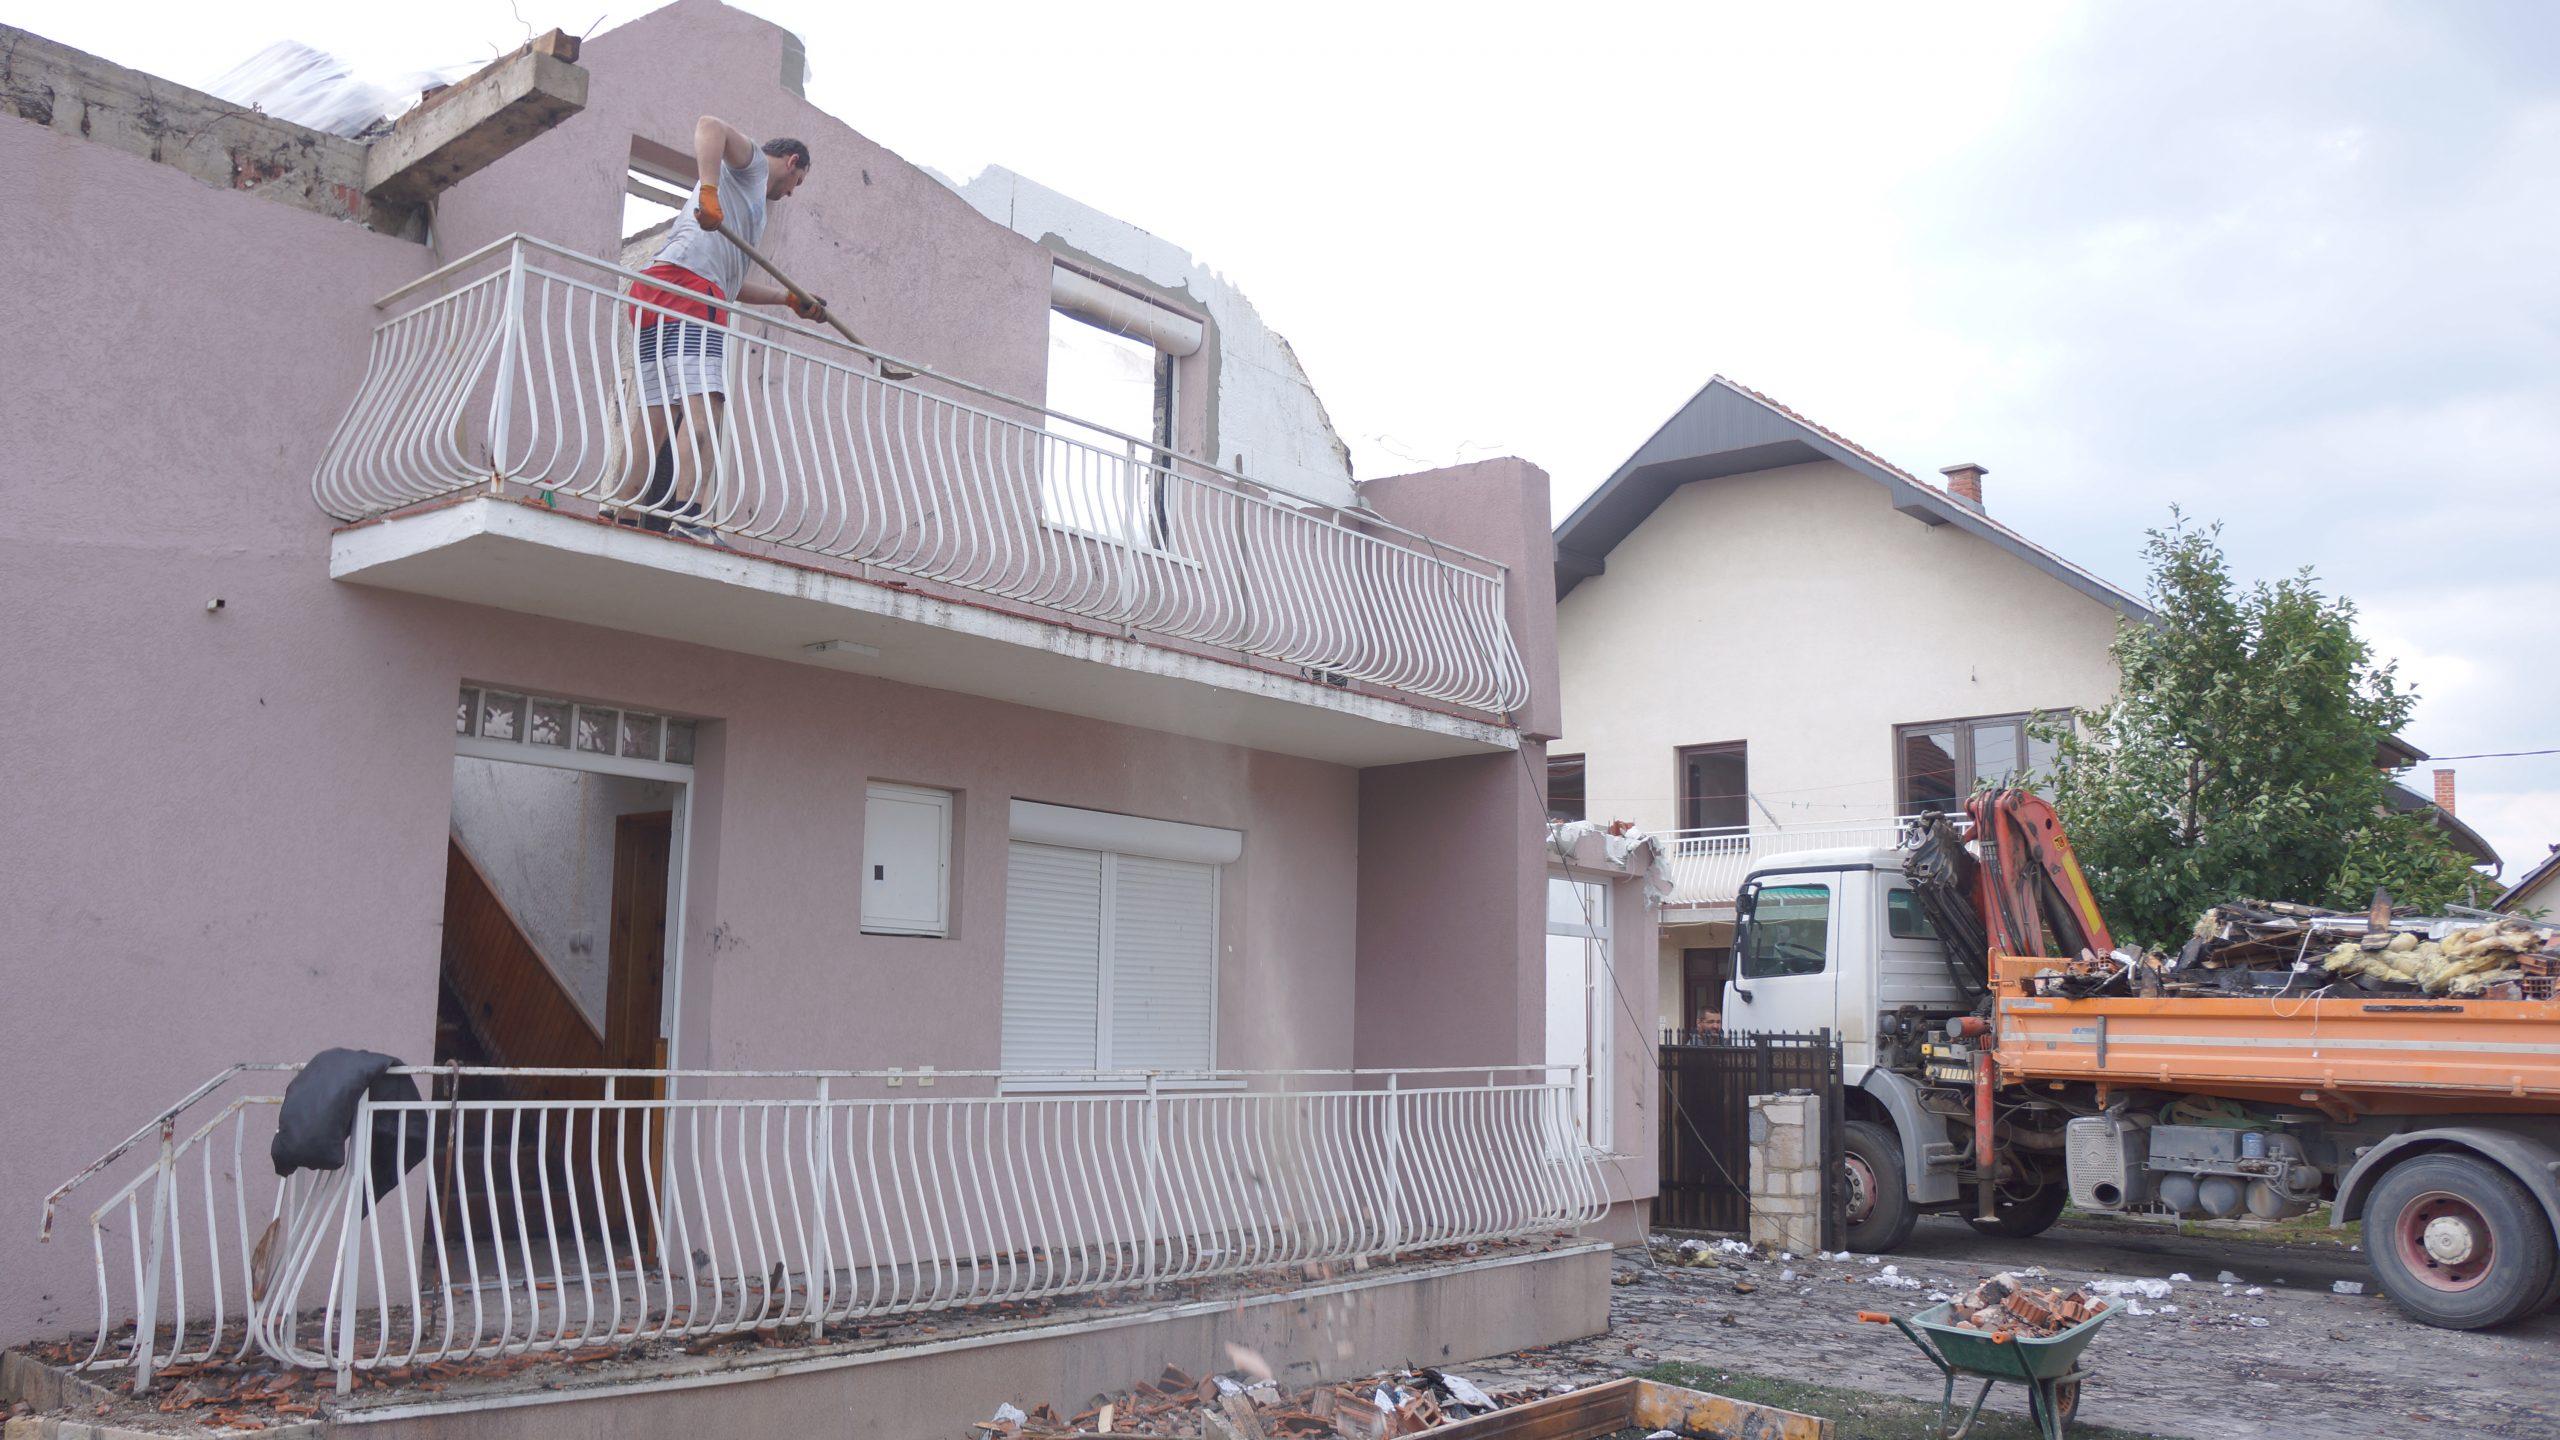 Izgorela kuća u Novom Pazaru (video)